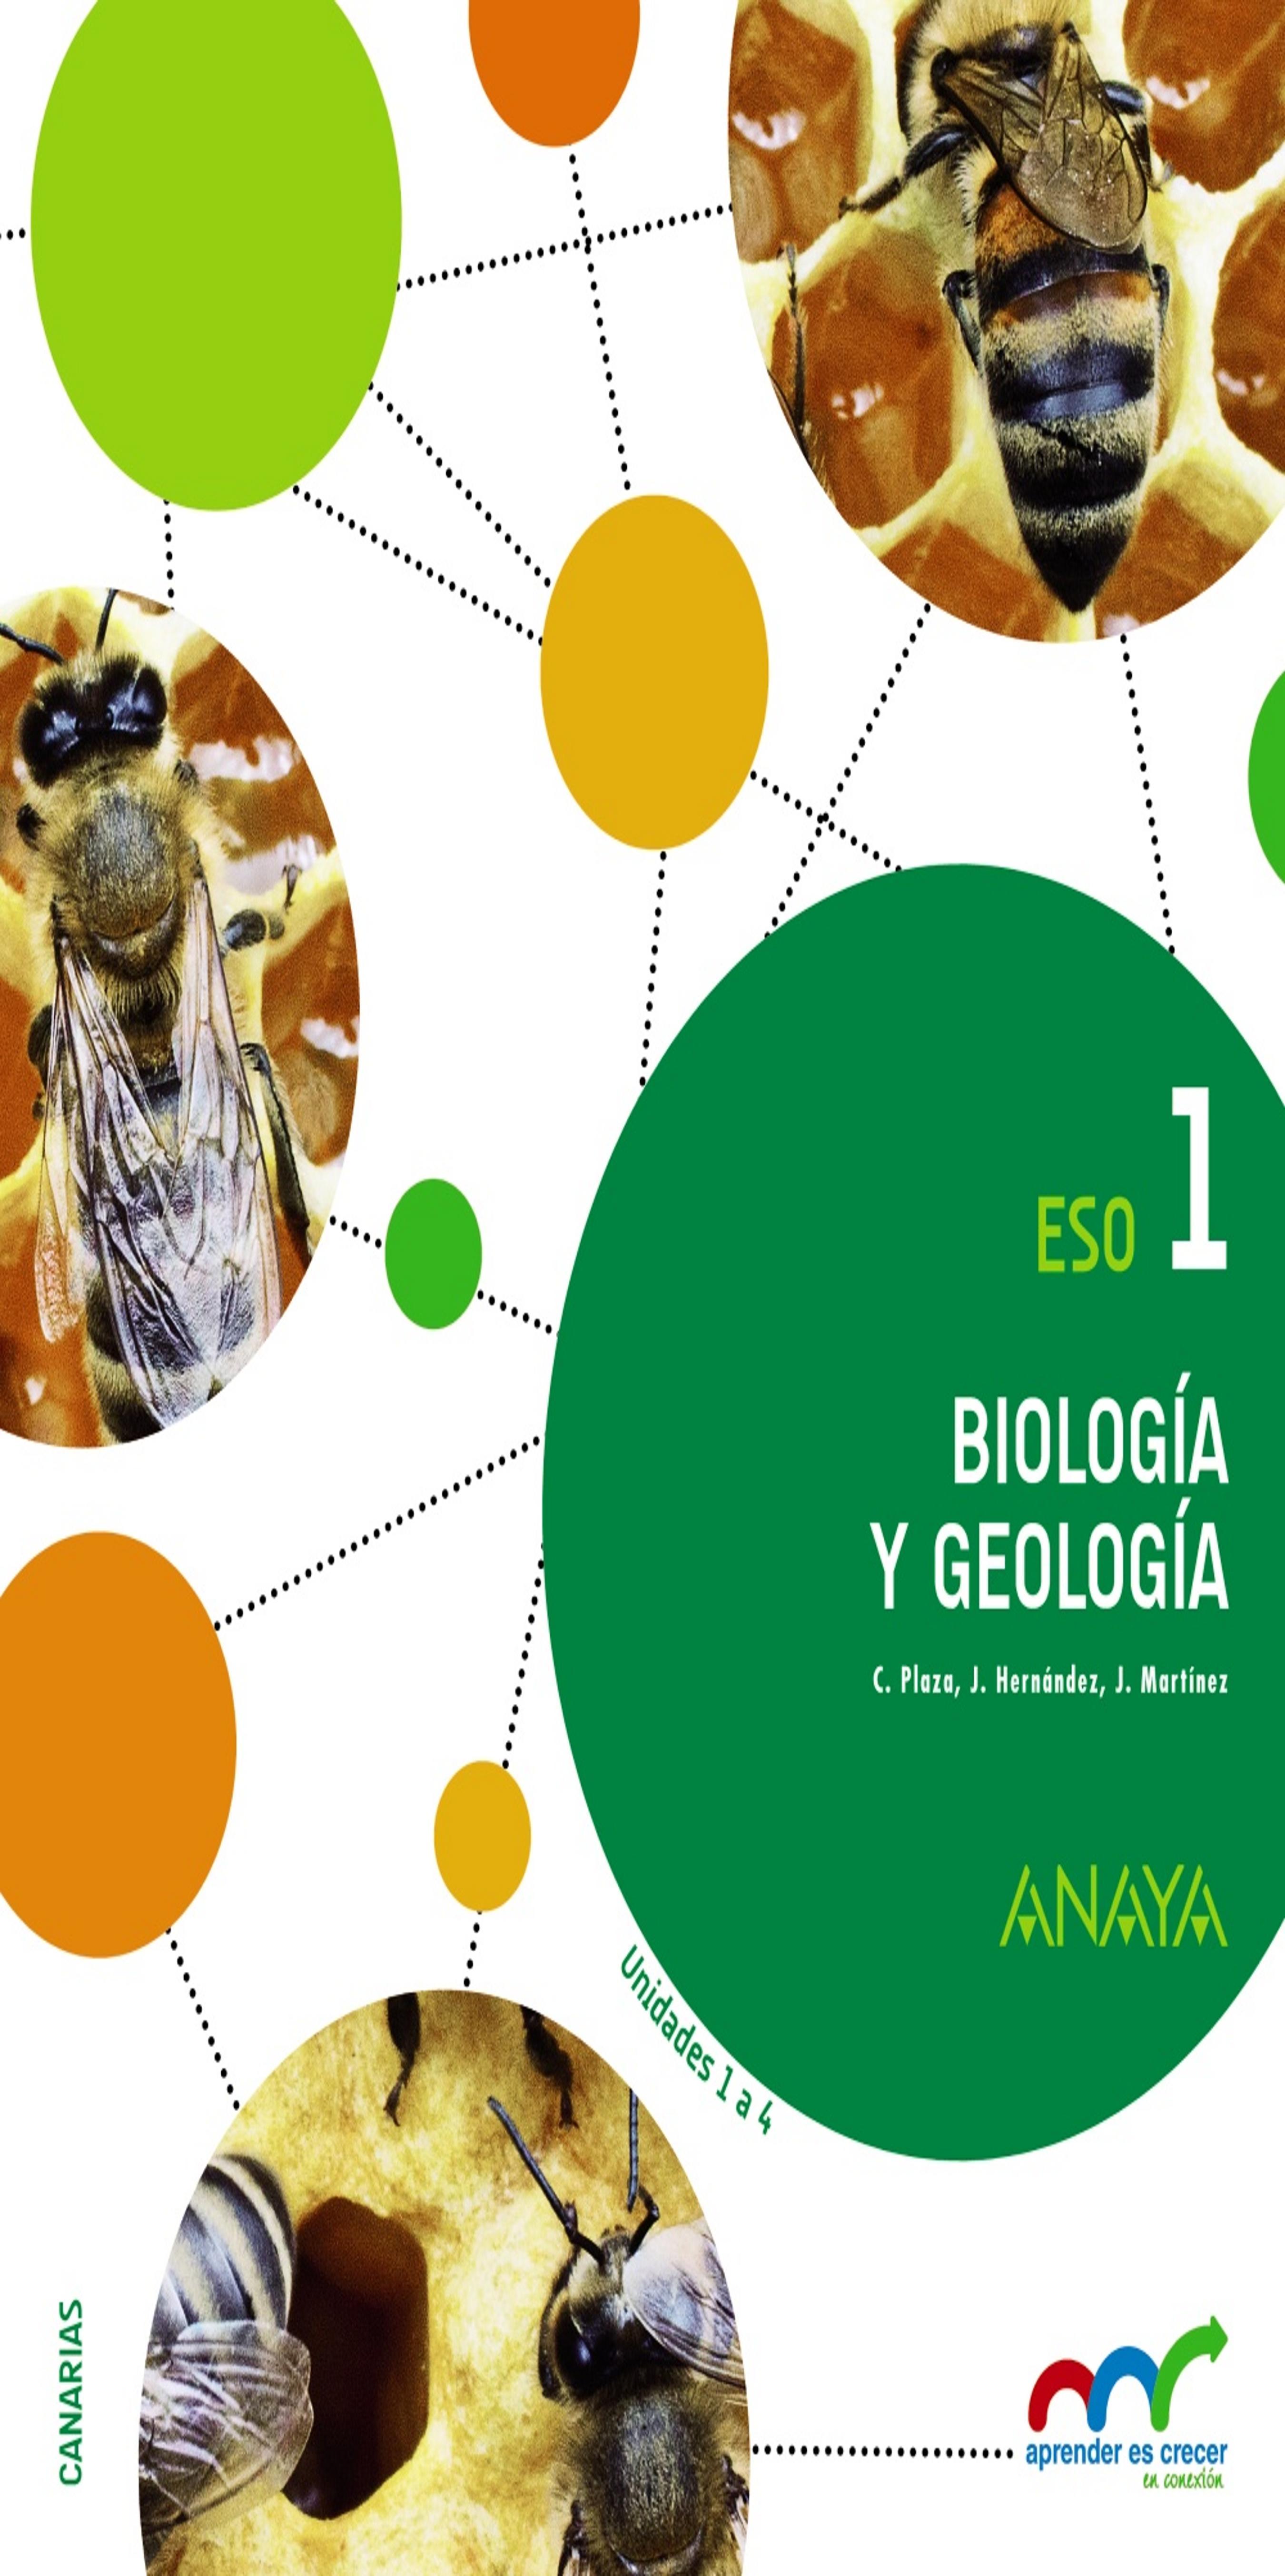 Biología Y Geología 1 Eso Trimestres 2015 Aprender Es Crecer En Cone Librería Idiomatika